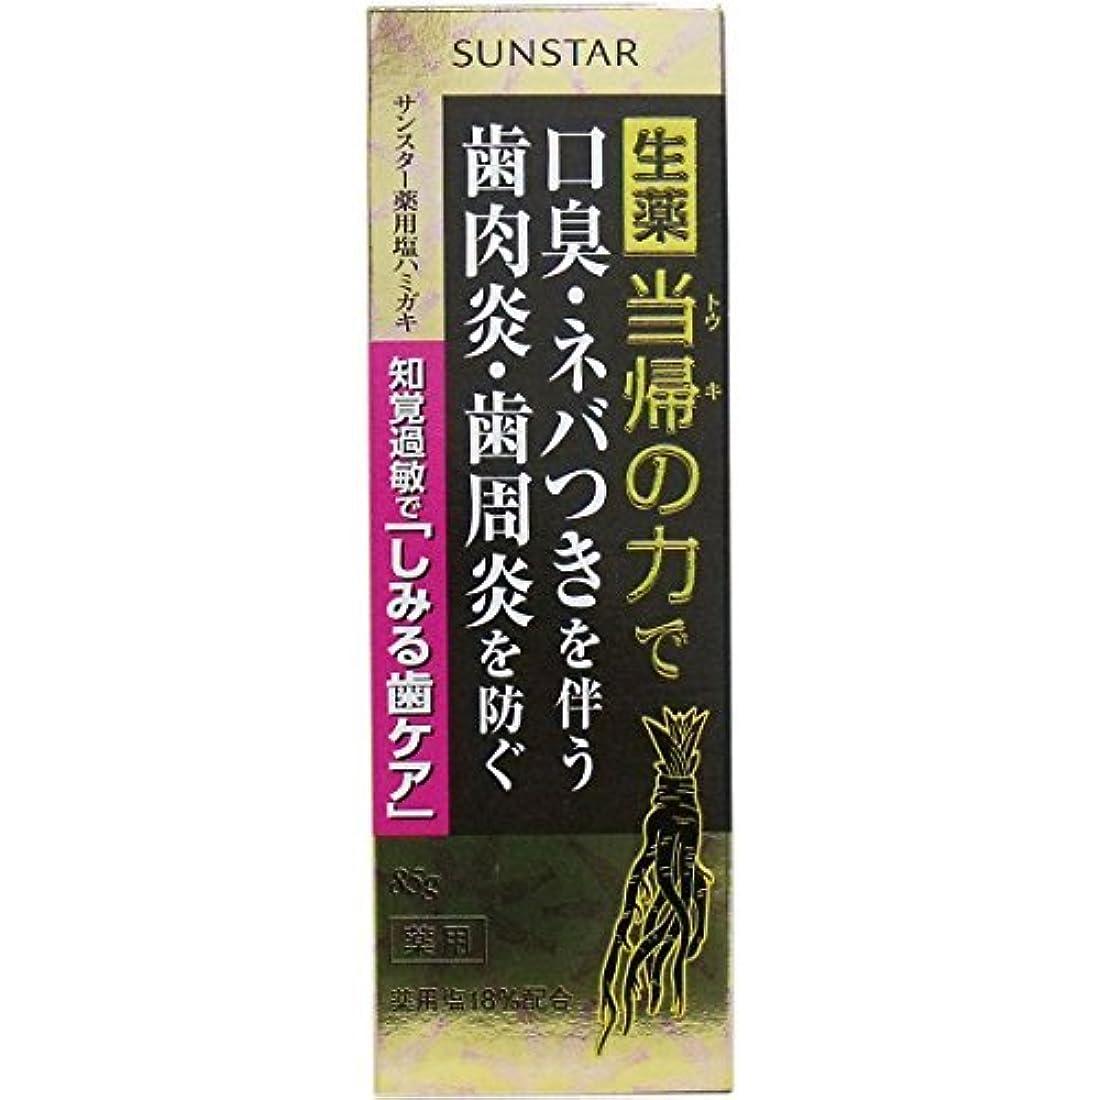 サンスター薬用塩ハミガキしみる歯ケア 85G [医薬部外品]